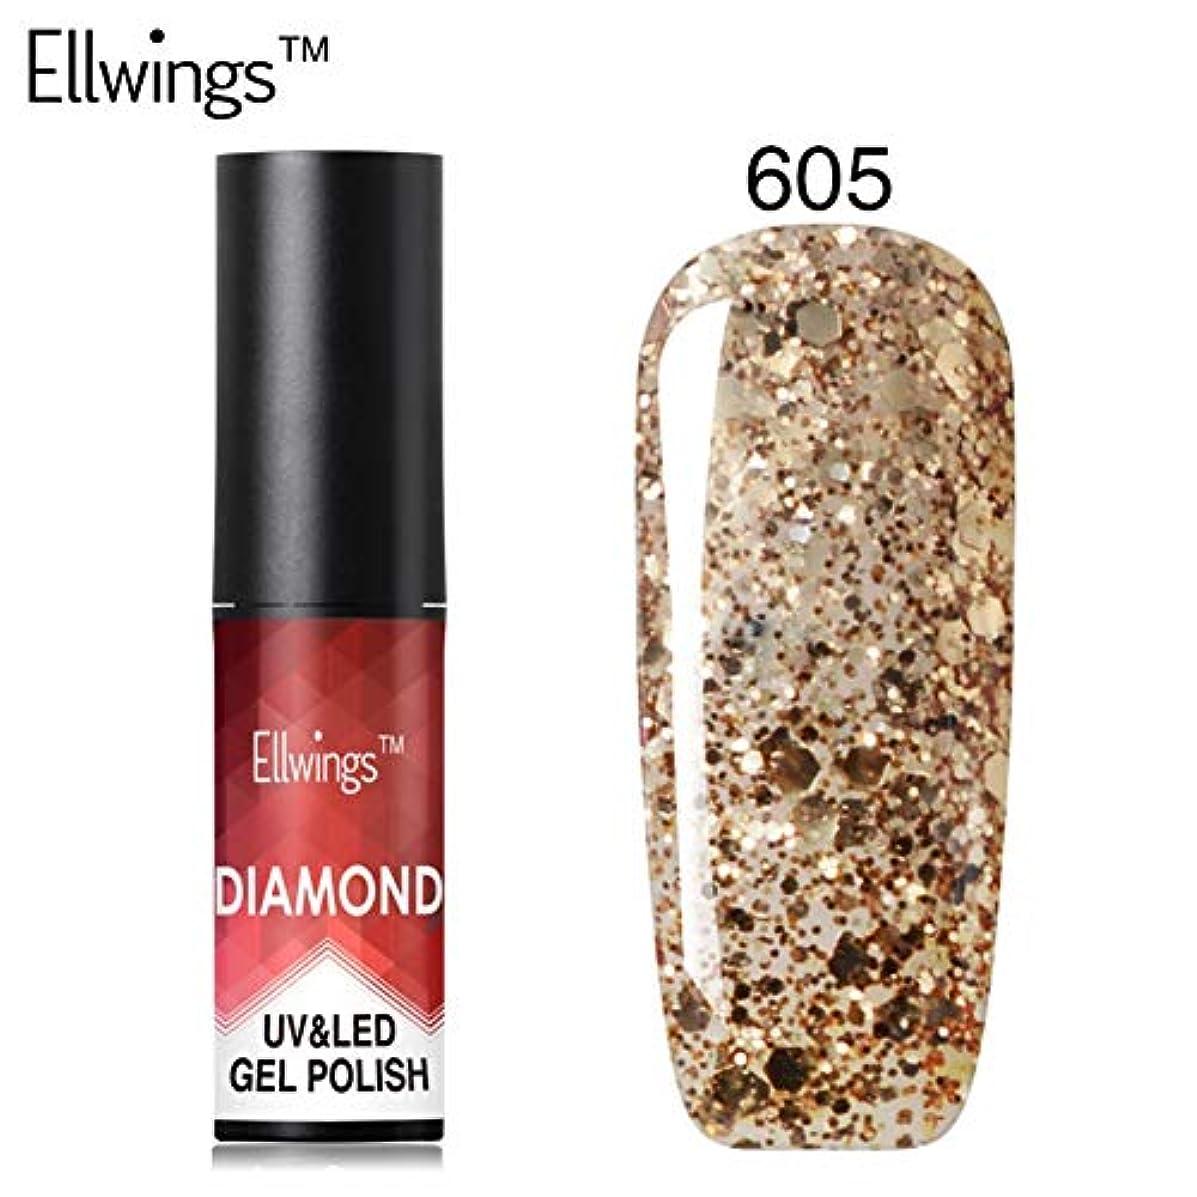 ビーズ緩やかな概要ファッション ネイルジェル ダイヤモンド グリッター ネイルアート ソークオフ UV LED ジェルネイルポリッシュ プラチナジェルポリッシュ Cutelove